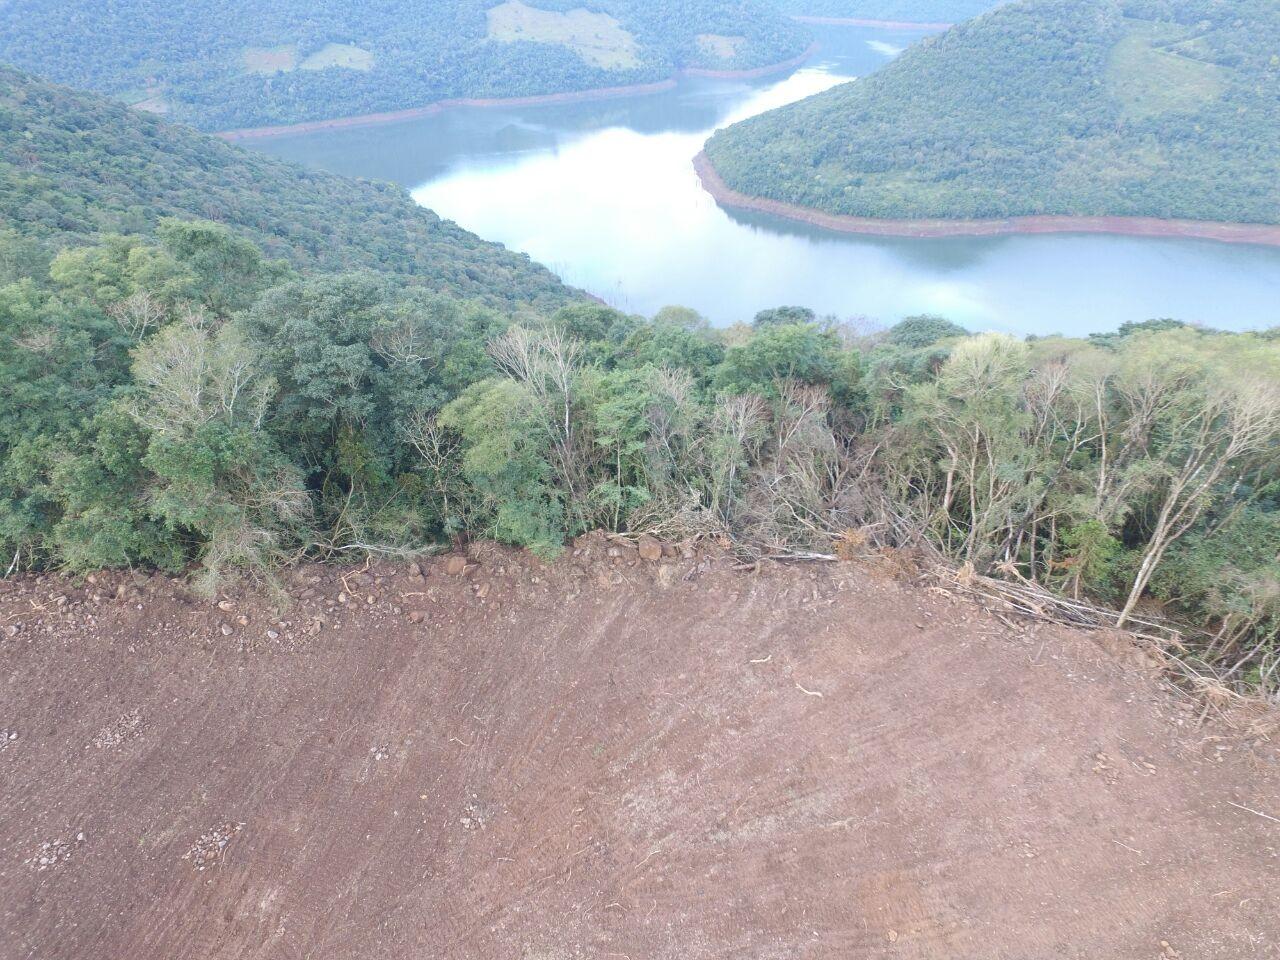 Desmatamento da Mata Atlântica em Alagoas cresce 2.243%, aponta pesquisa